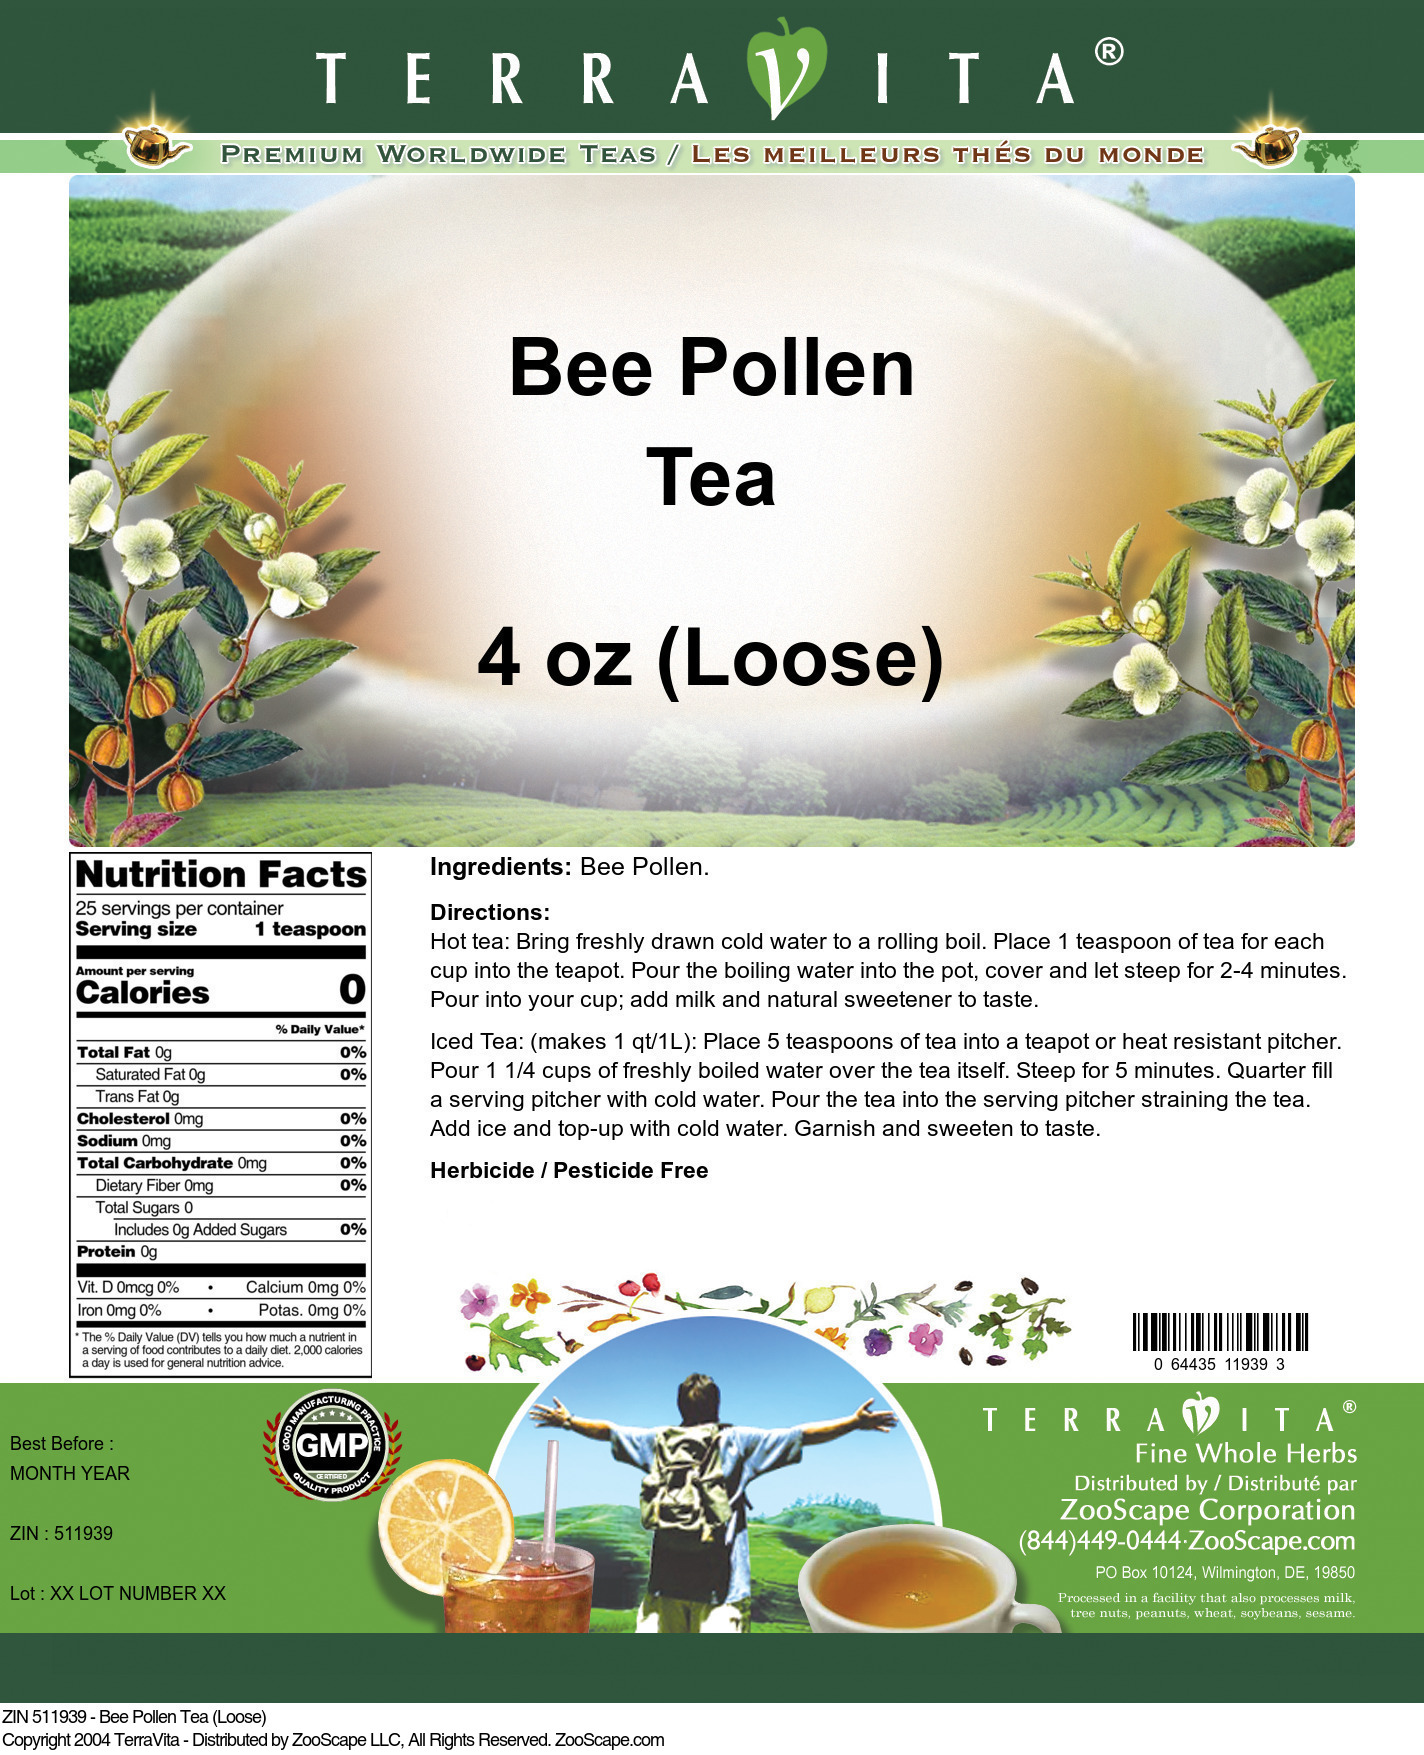 Bee Pollen Tea (Loose)